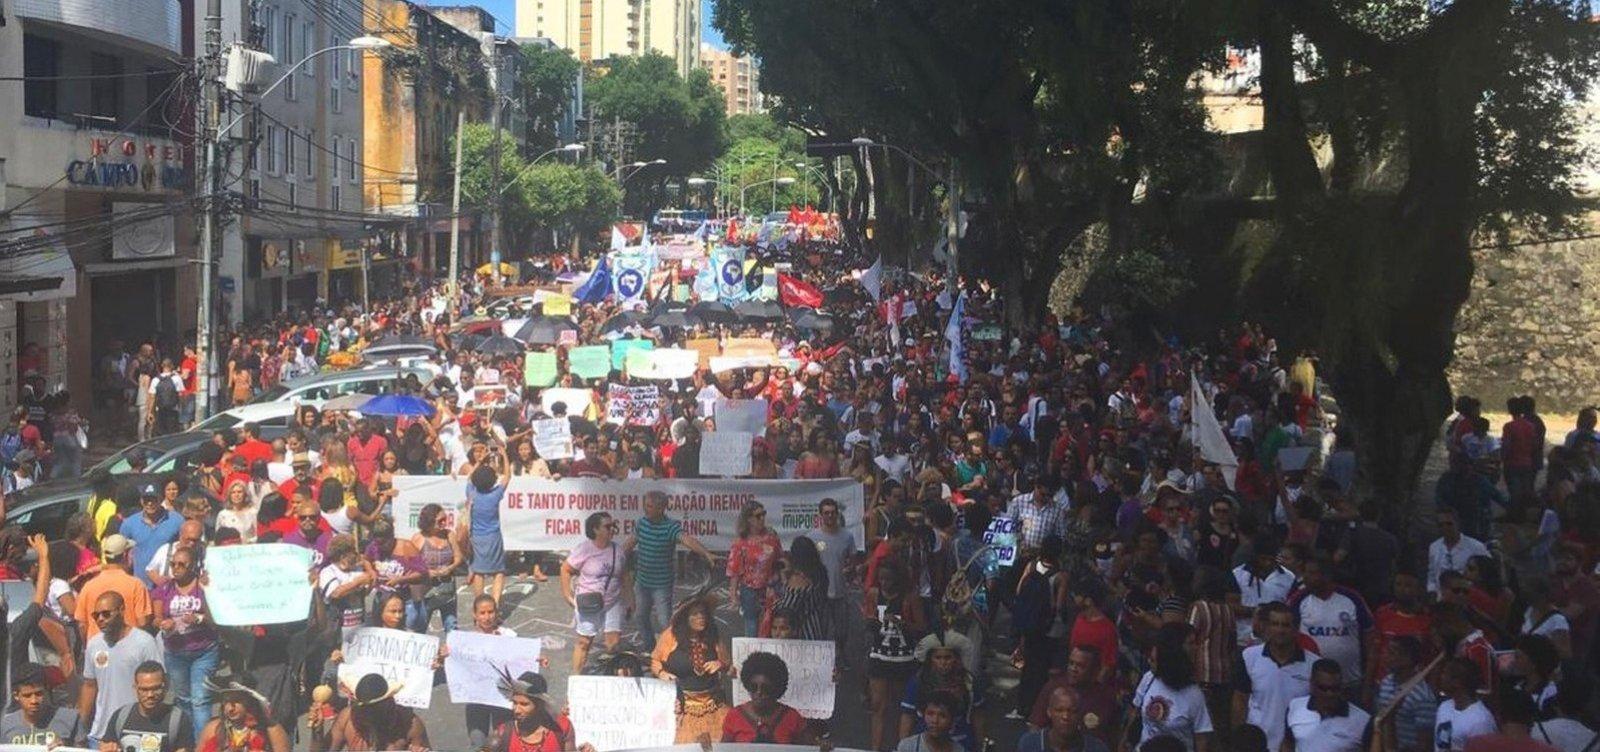 [Após novos protestos, MEC diz que universidades 'não podem promover eventos políticos']